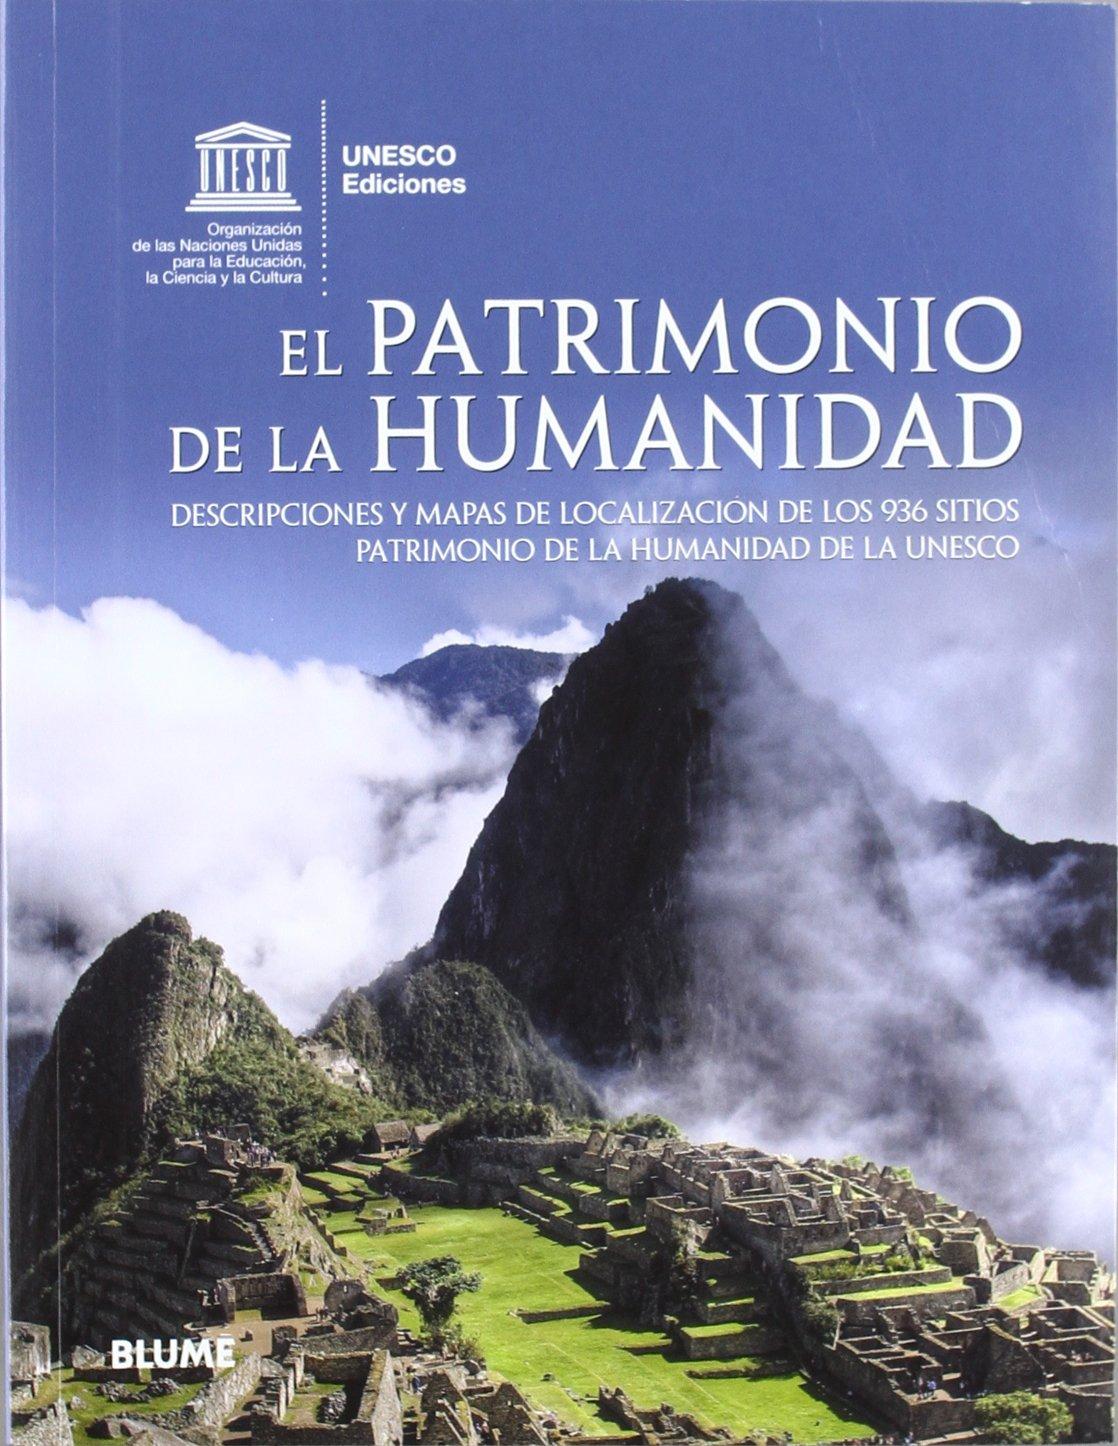 Patrimonio de la humanidad: Descripciones y mapas de localización de los 936 sitios Patrimonio de la humanidad de la UNESCO: Amazon.es: UNESCO: Libros